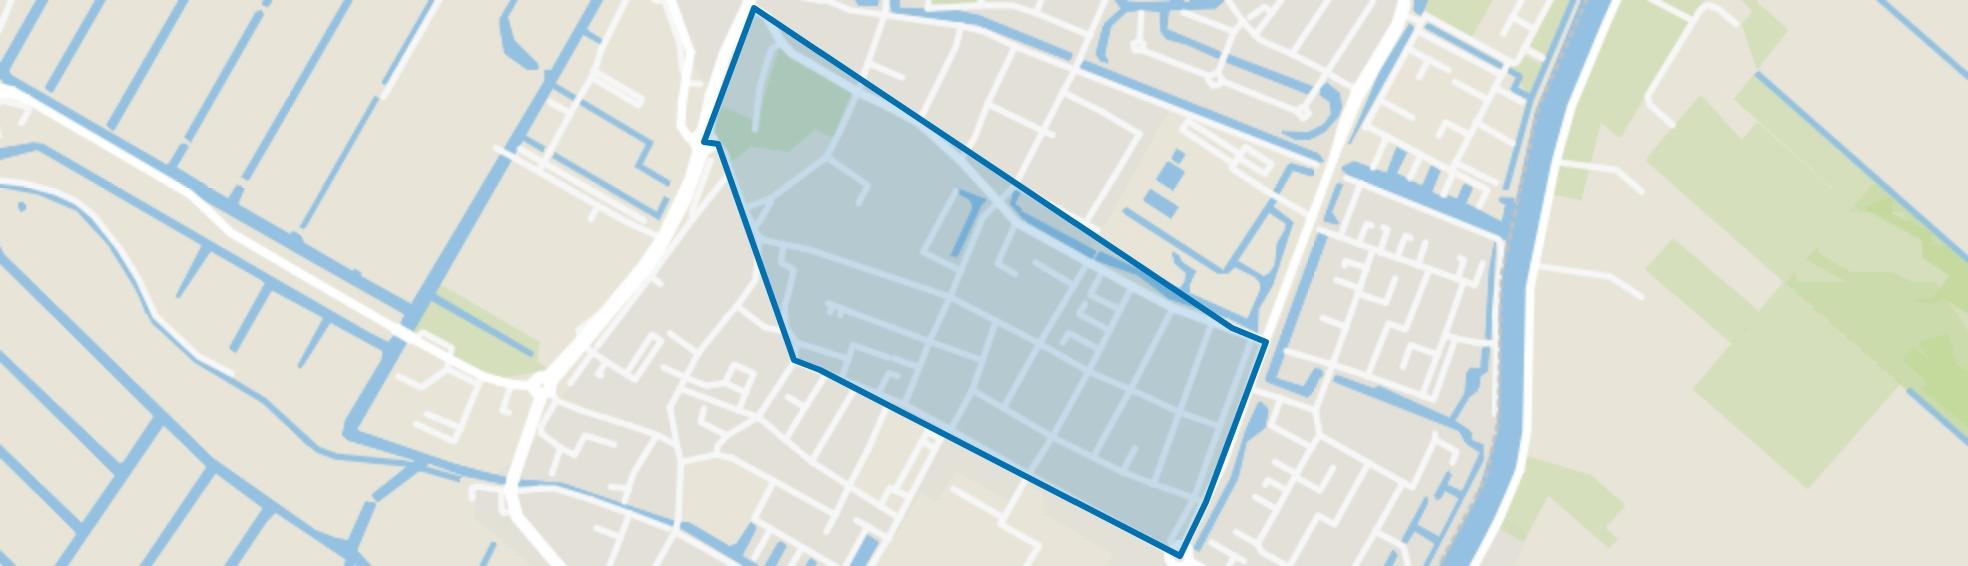 Oranjebuurt, Hillegom map